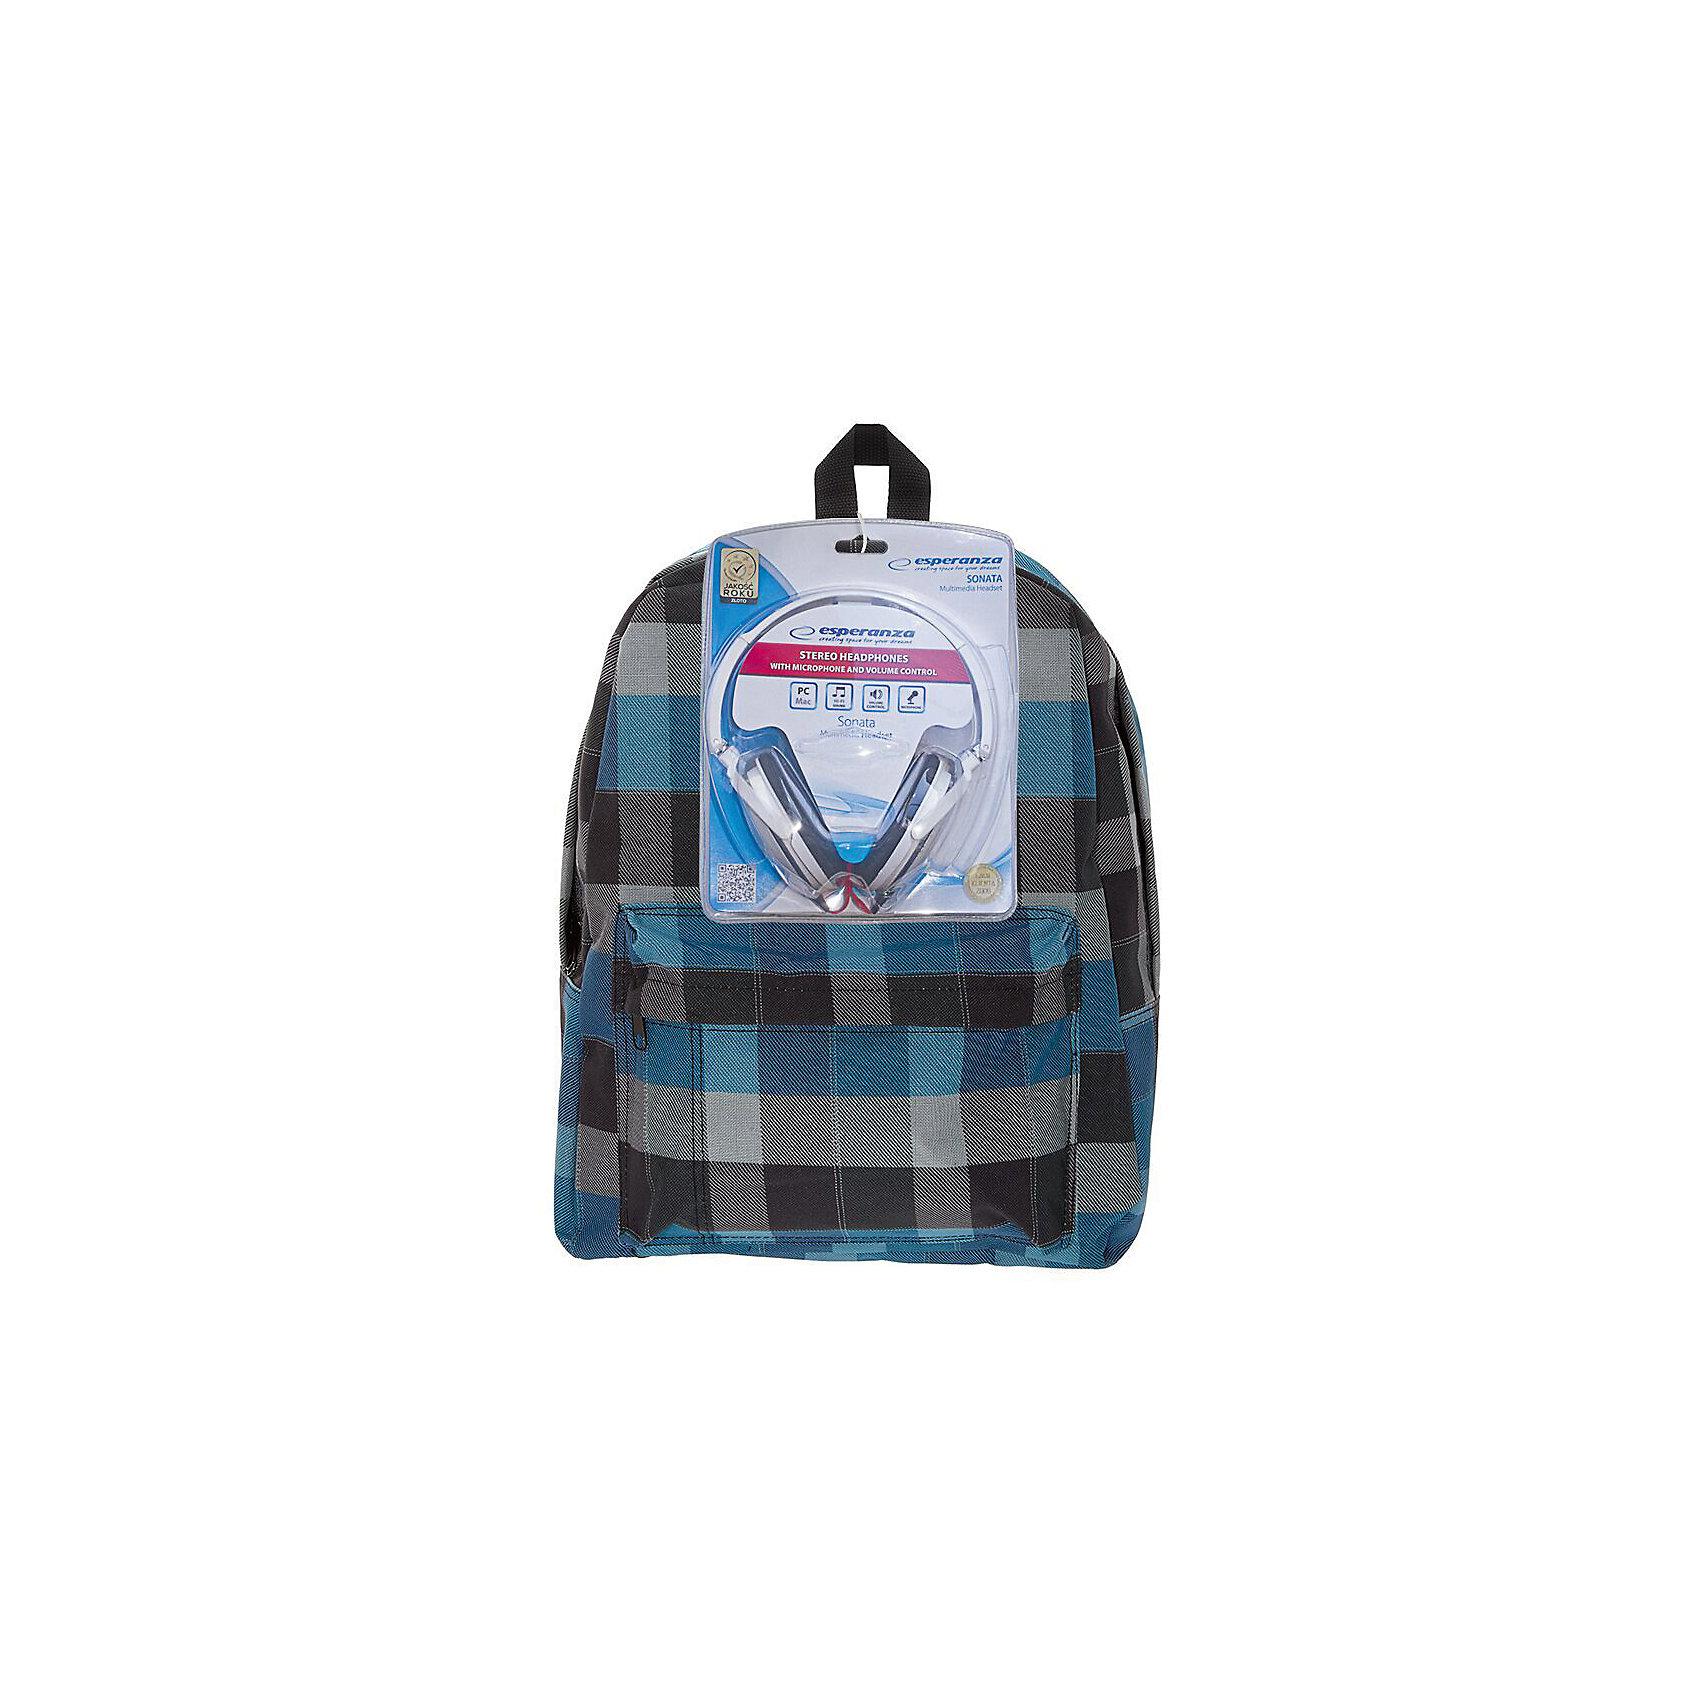 Рюкзак Клетка с наушниками, цвет мульти в клеткуРюкзаки<br>Характеристики товара:<br><br>• цвет: мульти;<br>• возраст: от 7 лет;<br>• особенности рюкзака: большой, легкий;<br>• вес: 0,5 кг;<br>• размер: 40х32х13 см;<br>• материал: полиэстер;<br>• в комплекте наушники;<br>• уплотненная мягкая спинка;<br>• лямки регулируются по росту; <br>уплотненные;<br>• страна бренда: США;<br>• страна изготовитель: Китай.<br><br>Стильный, вместительный и практичный, рюкзак понравится и школьникам, и студентам. Просторный внутренний отсек, наружний карман на молнии будут очень удобны в использовании.<br><br>В комплекте наушники. Настоящая находка для будущей рок-звезды!Длина кабеля 2м, разъем 3,5мм, сопротивление 32 Ом, диапазон часто - 20 Гц-20000 Гц, выходная мощность - 100 мВт.<br><br>Рюкзак «Клетка» с наушниками можно купить в нашем интернет-магазине.<br><br>Ширина мм: 400<br>Глубина мм: 320<br>Высота мм: 130<br>Вес г: 500<br>Возраст от месяцев: 84<br>Возраст до месяцев: 720<br>Пол: Унисекс<br>Возраст: Детский<br>SKU: 7054030